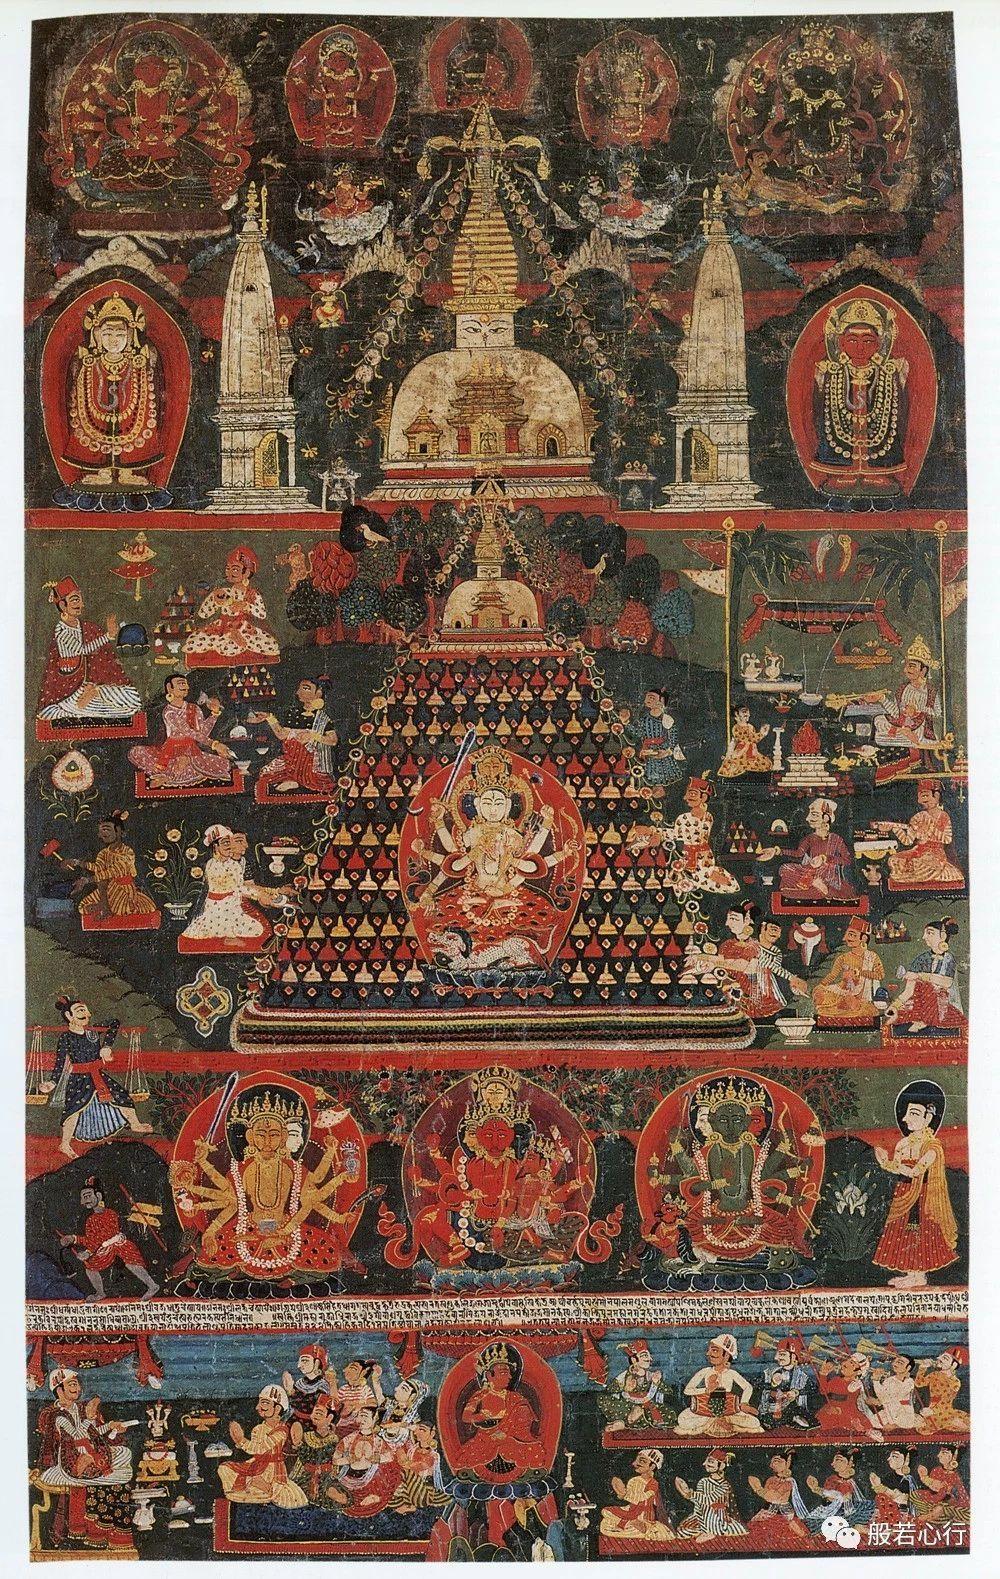 拉克夏(Laksha)寺庙献祭(上)—《极乐之轮:佛教冥想艺术》